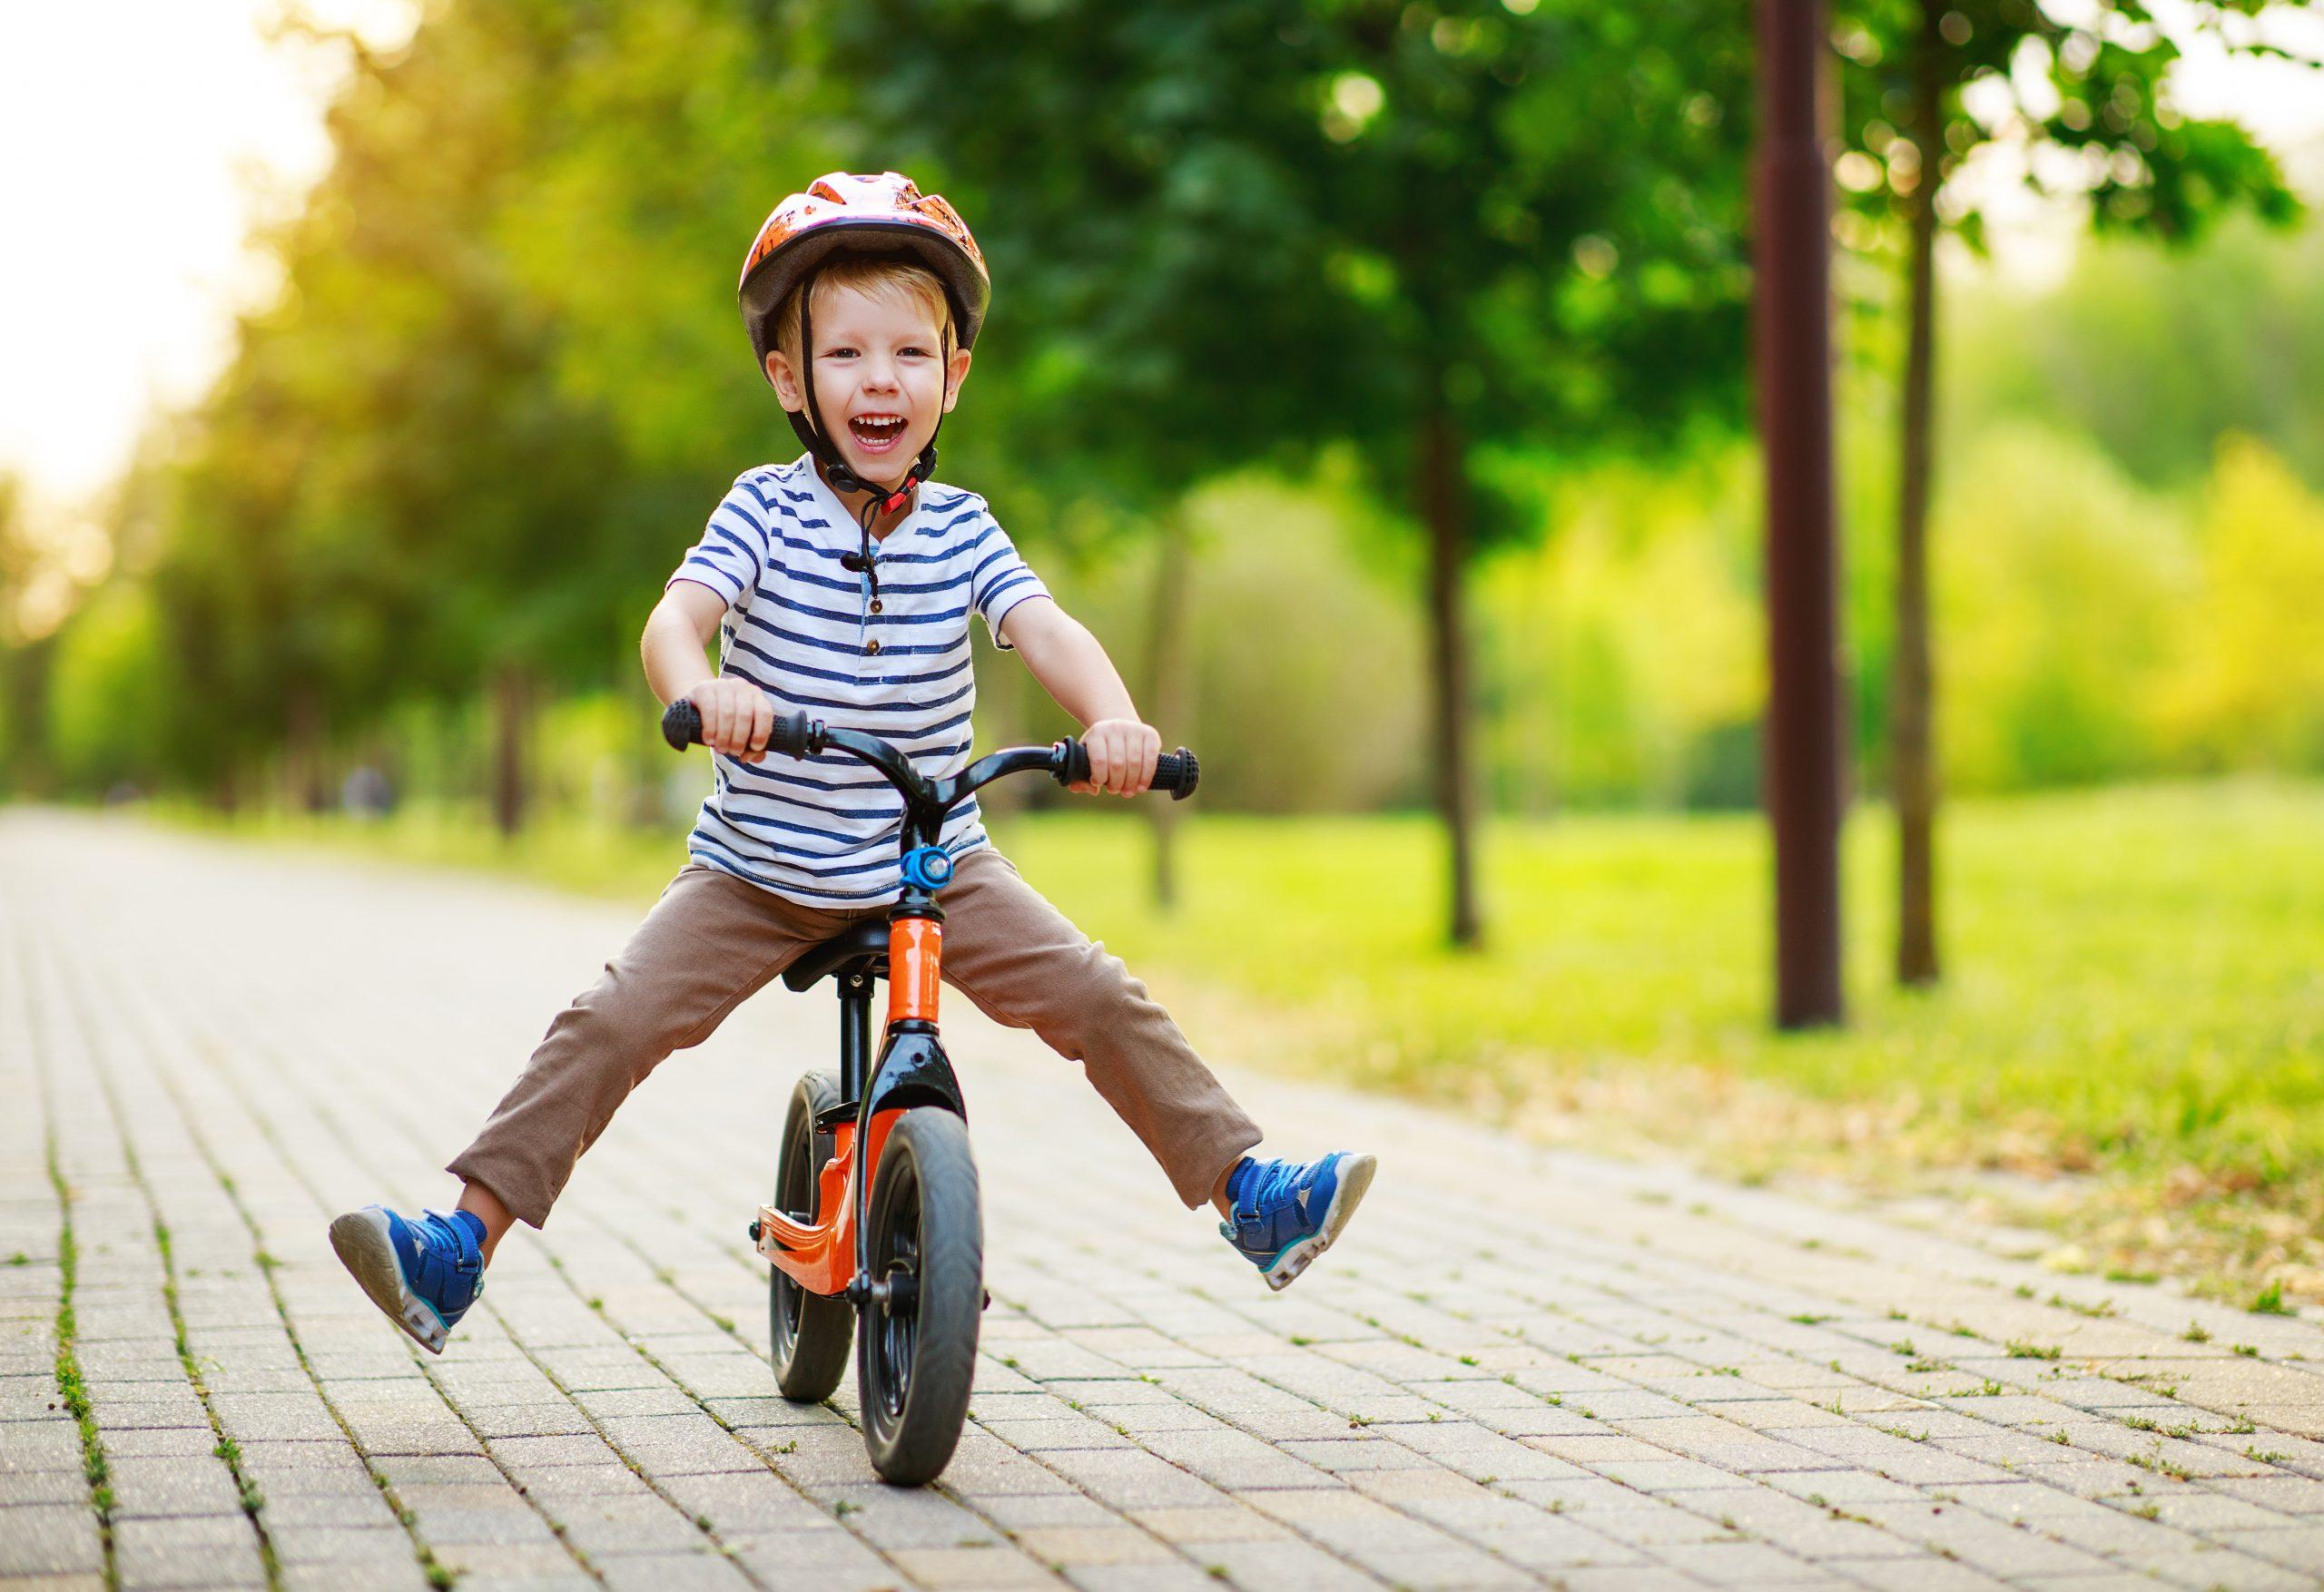 Rowerki dla dzieci – rodzicu, nie popełnij błędu przy wyborze!